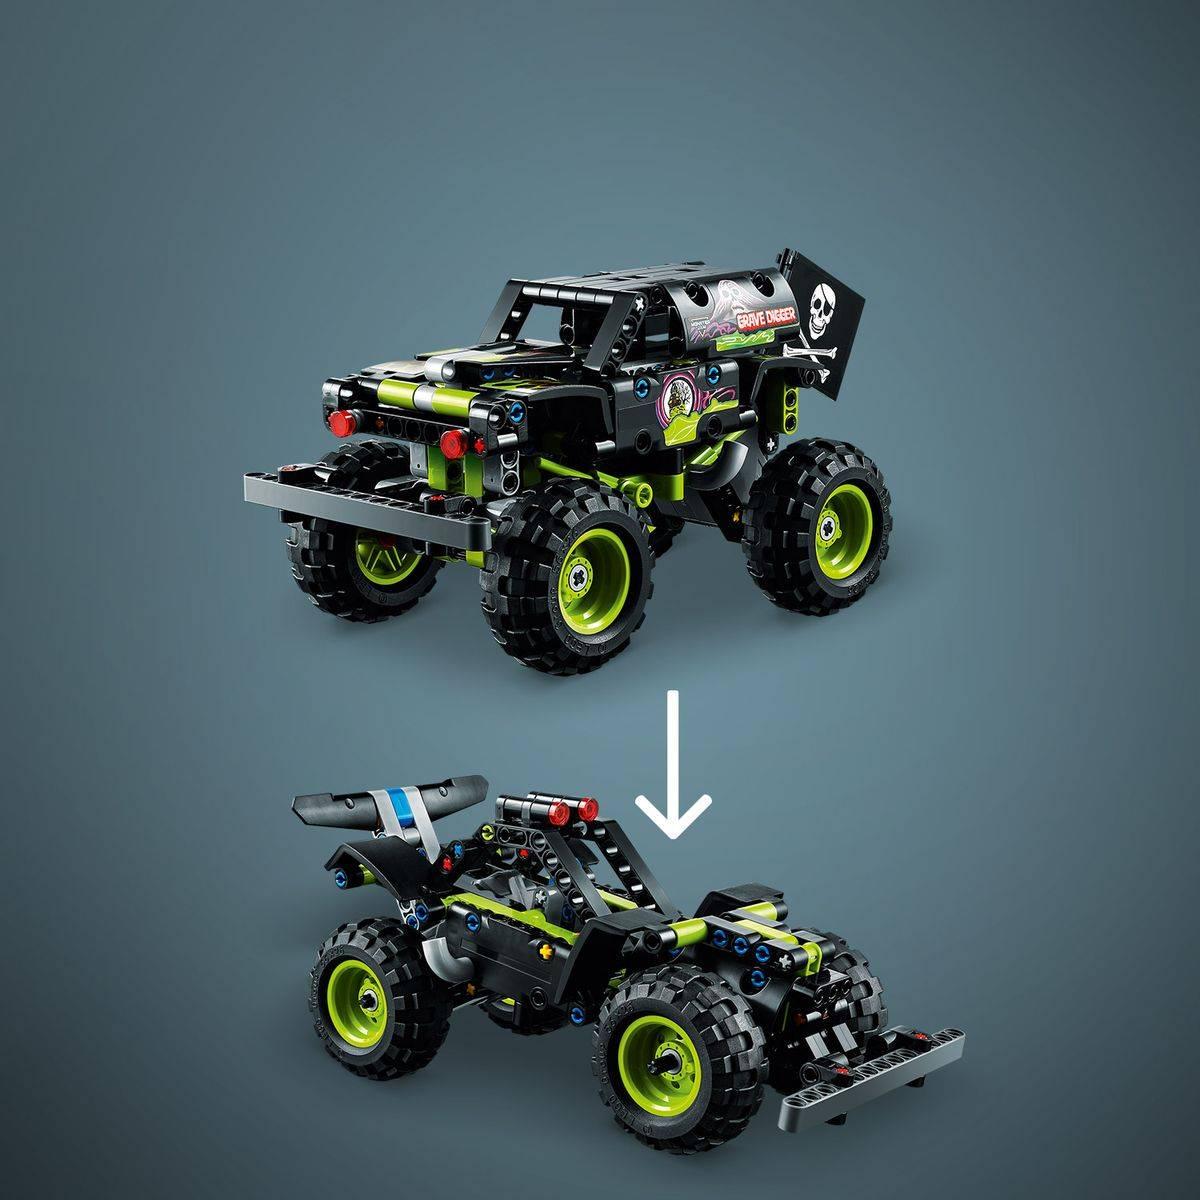 LEGO Technic Monster Jam Grave Digger model 42118